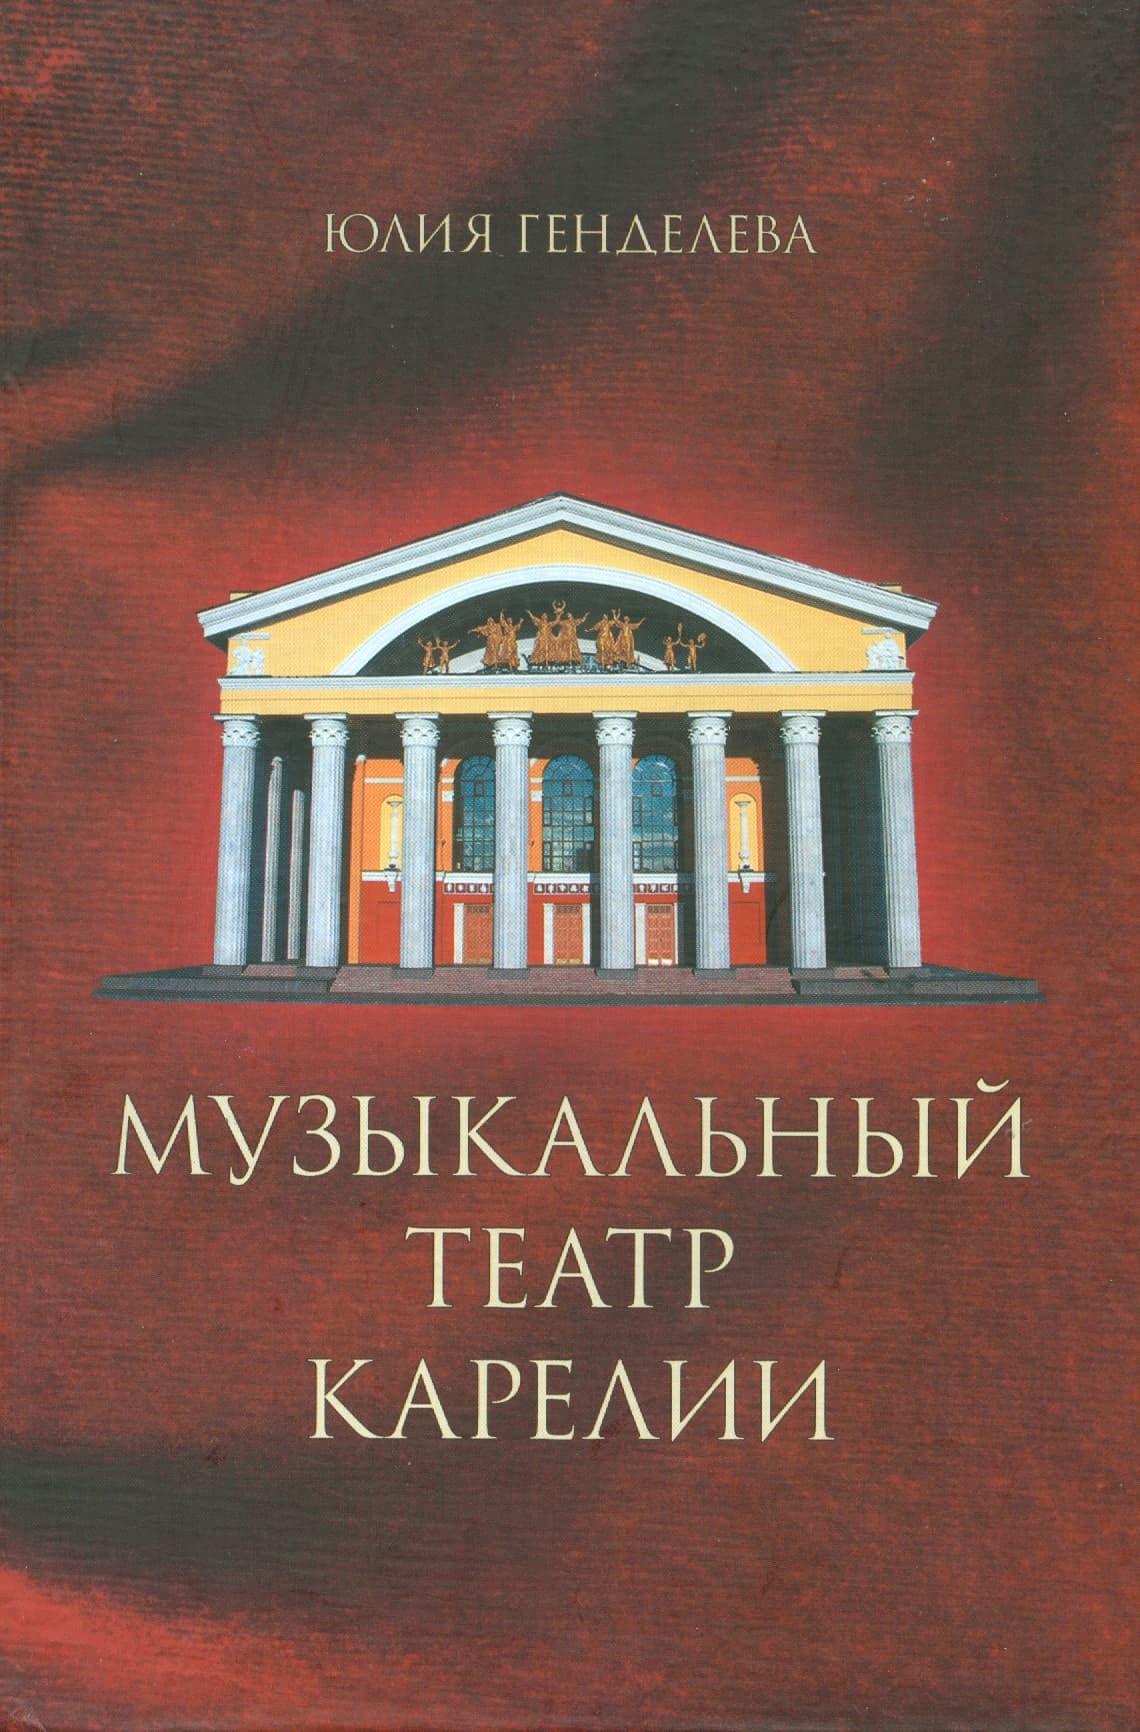 История Музыкального театра Карелии Юлии Генделевой